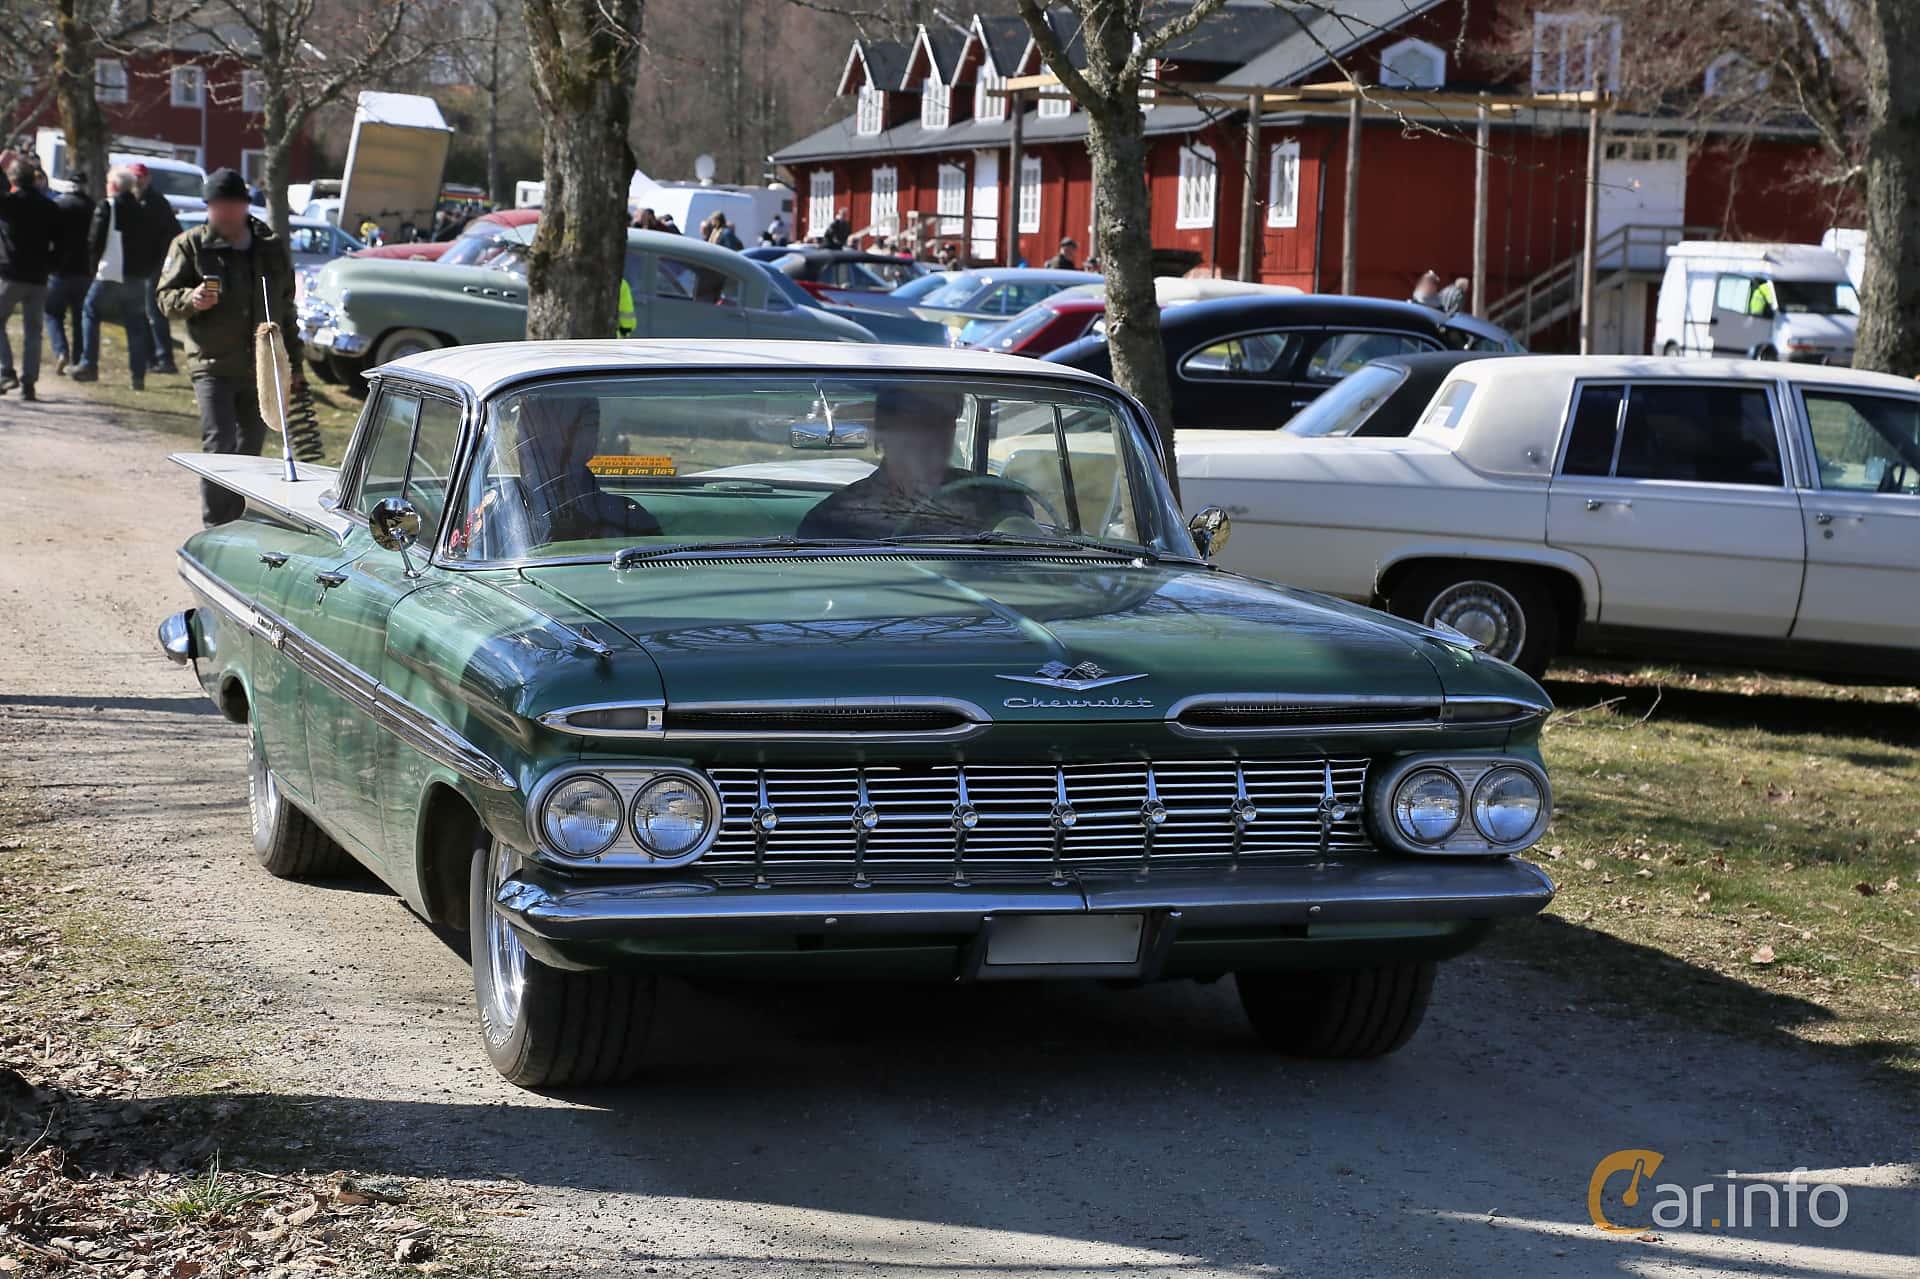 Chevrolet Impala Sport Sedan 3.9 Powerglide, 137hp, 1959 at Uddevalla Veteranbilsmarknad Backamo, Ljungsk 2019